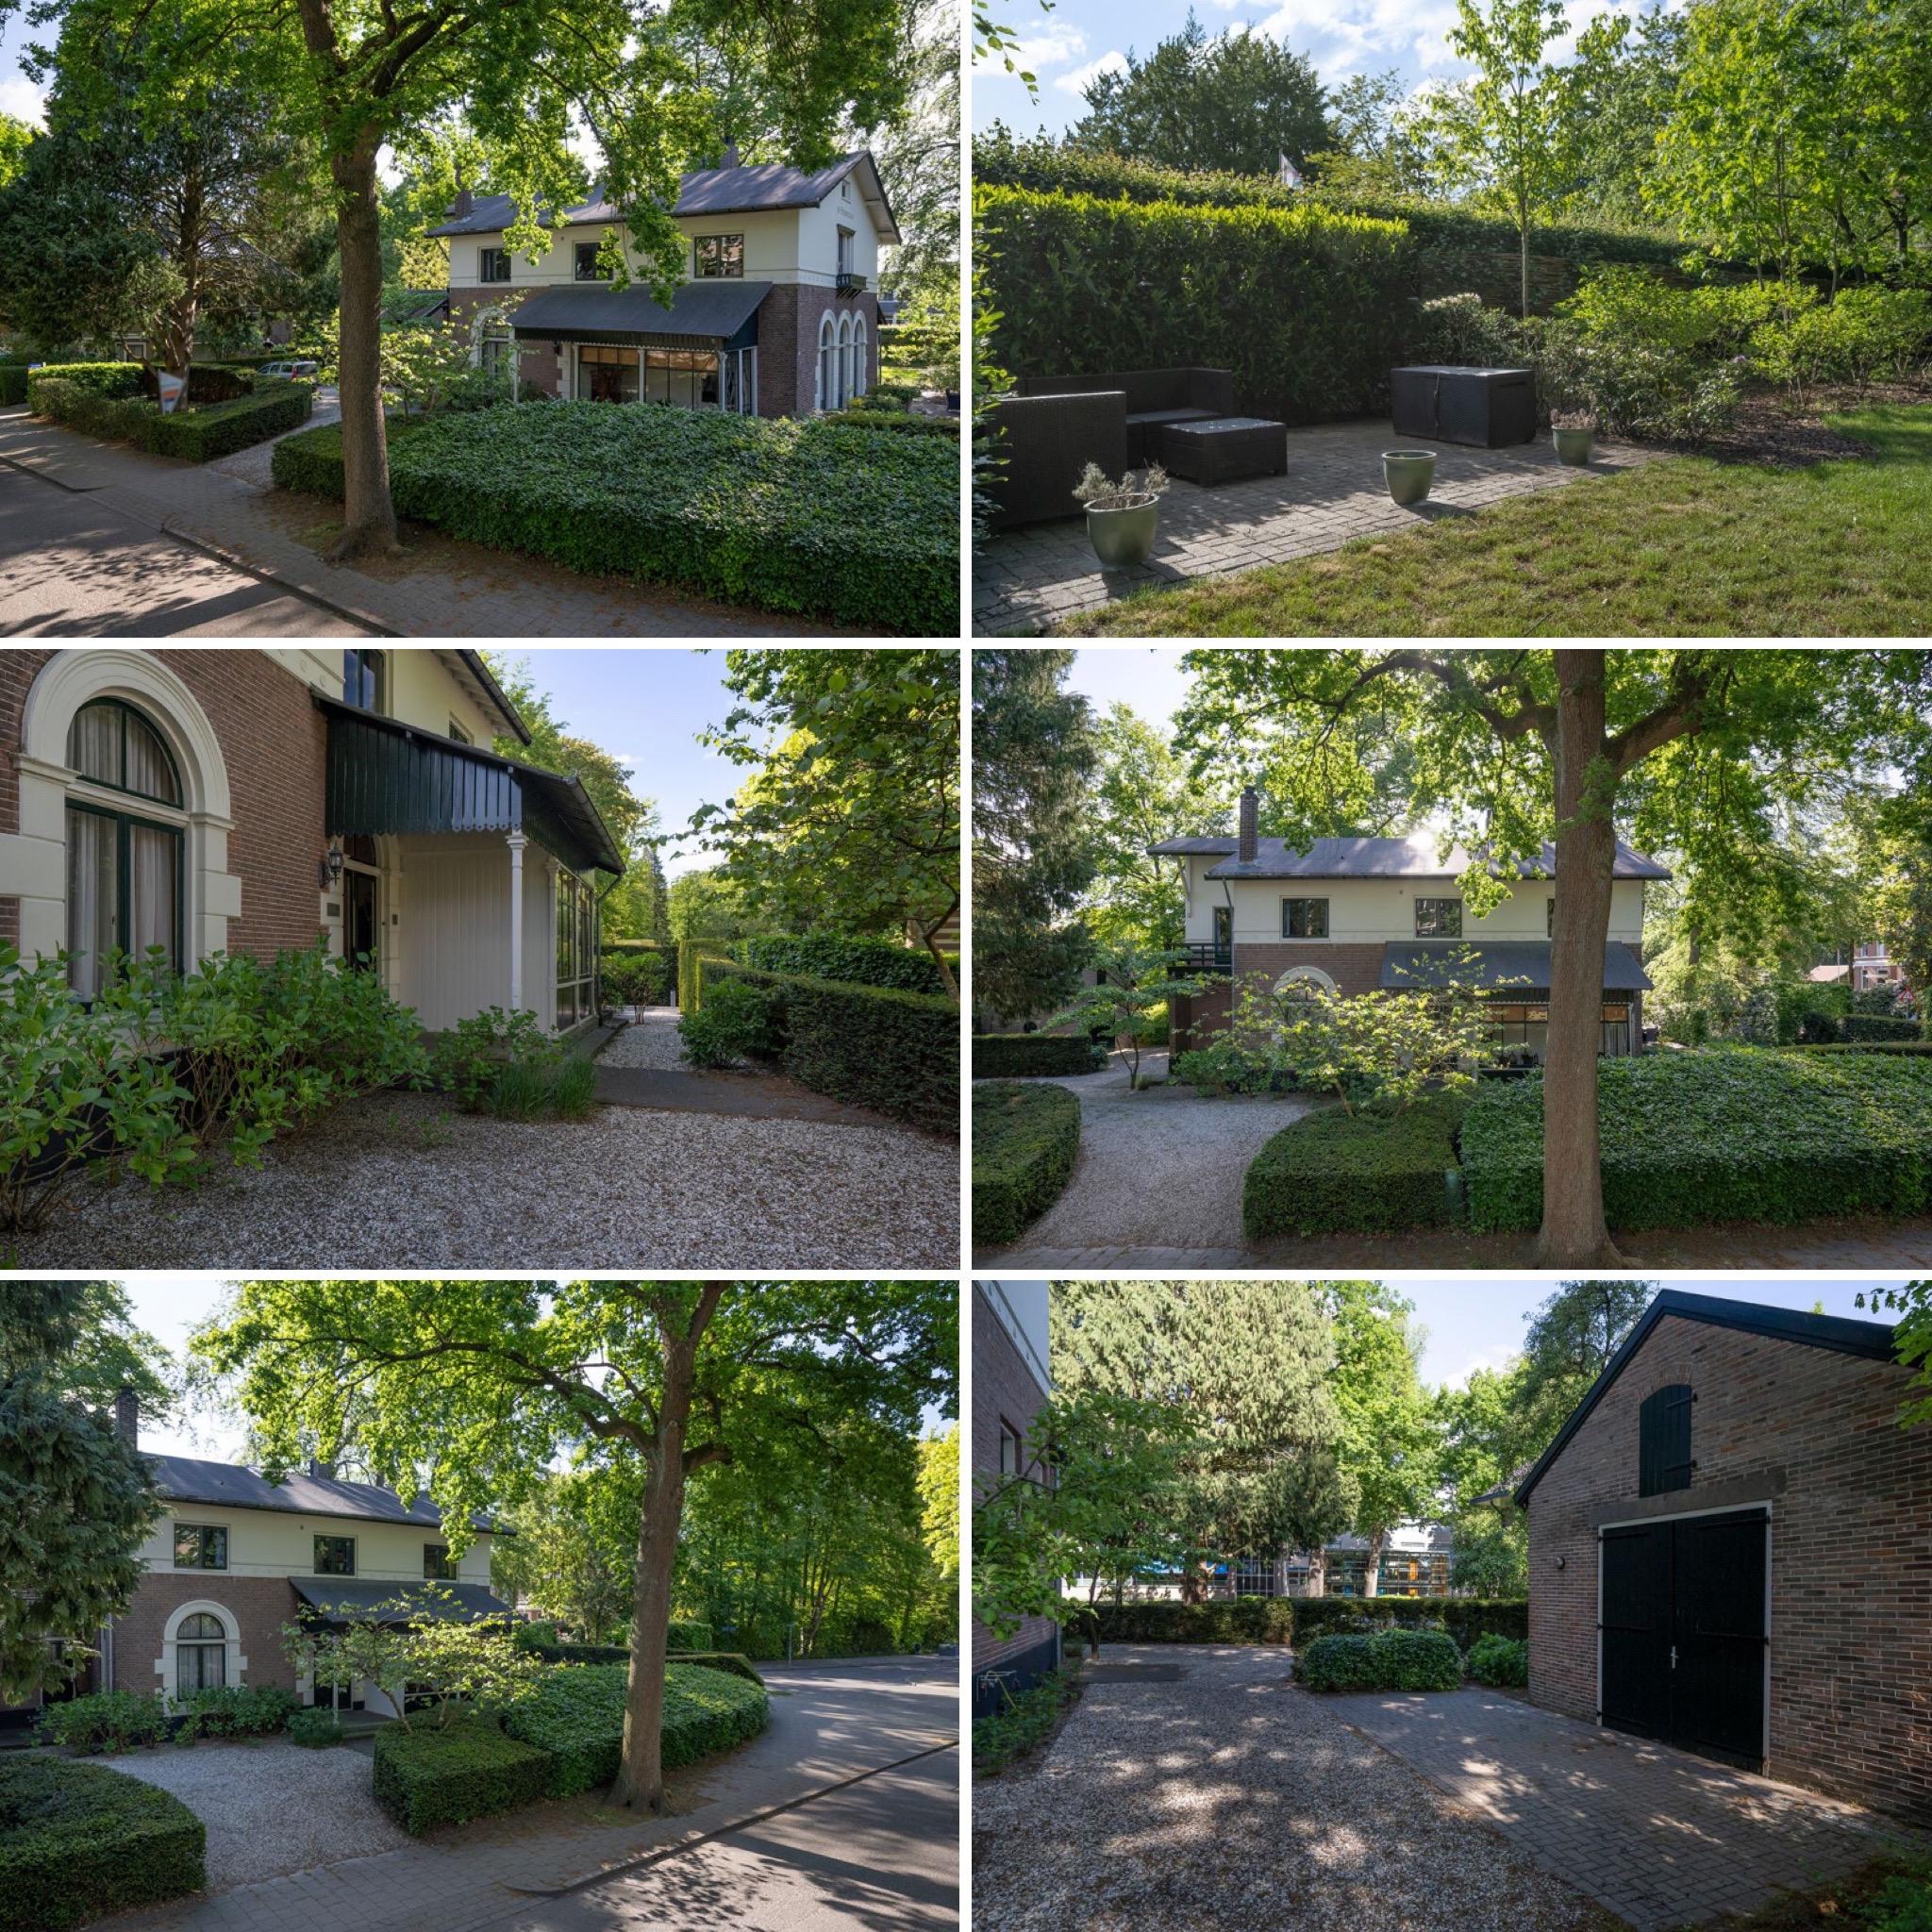 hermitage, tuin, grasveld, grasmaaier, verhuizen